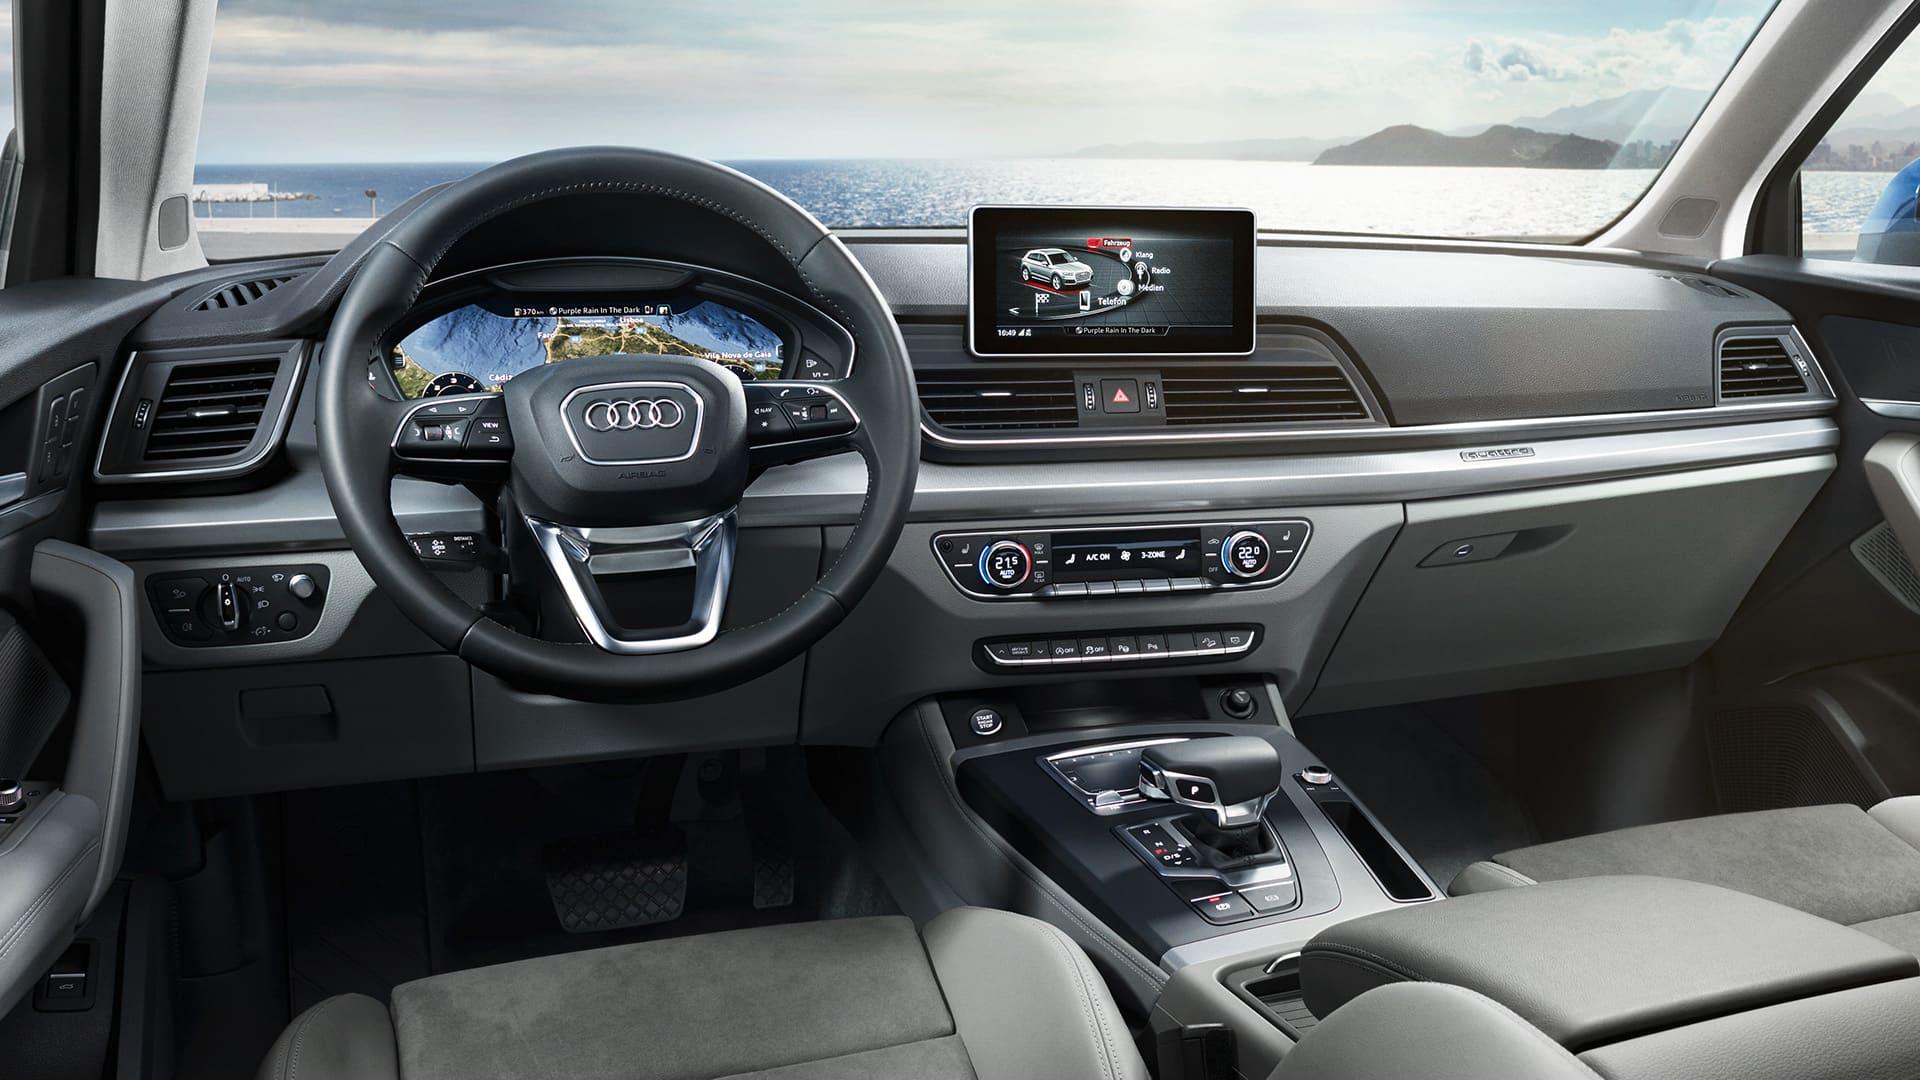 Infotainment Audi Q New Audi Q Models Audi SA Home Audi SA - Audi q